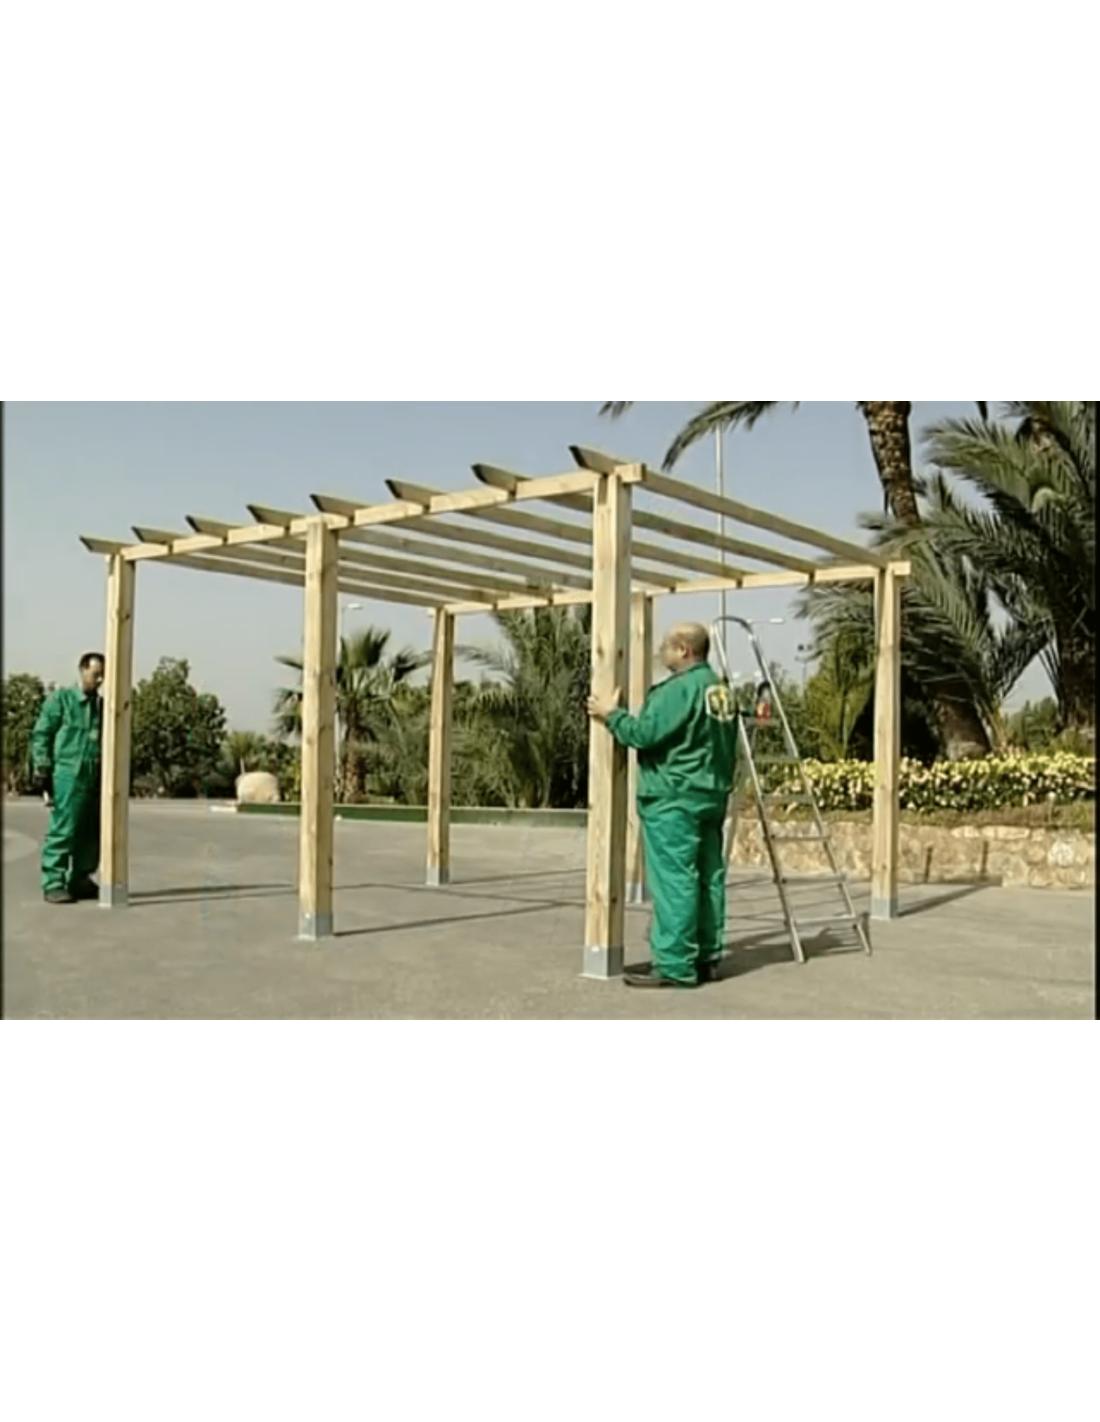 P rgola de madera 14 4 m postes 12 cm - Postes de madera para pergolas ...